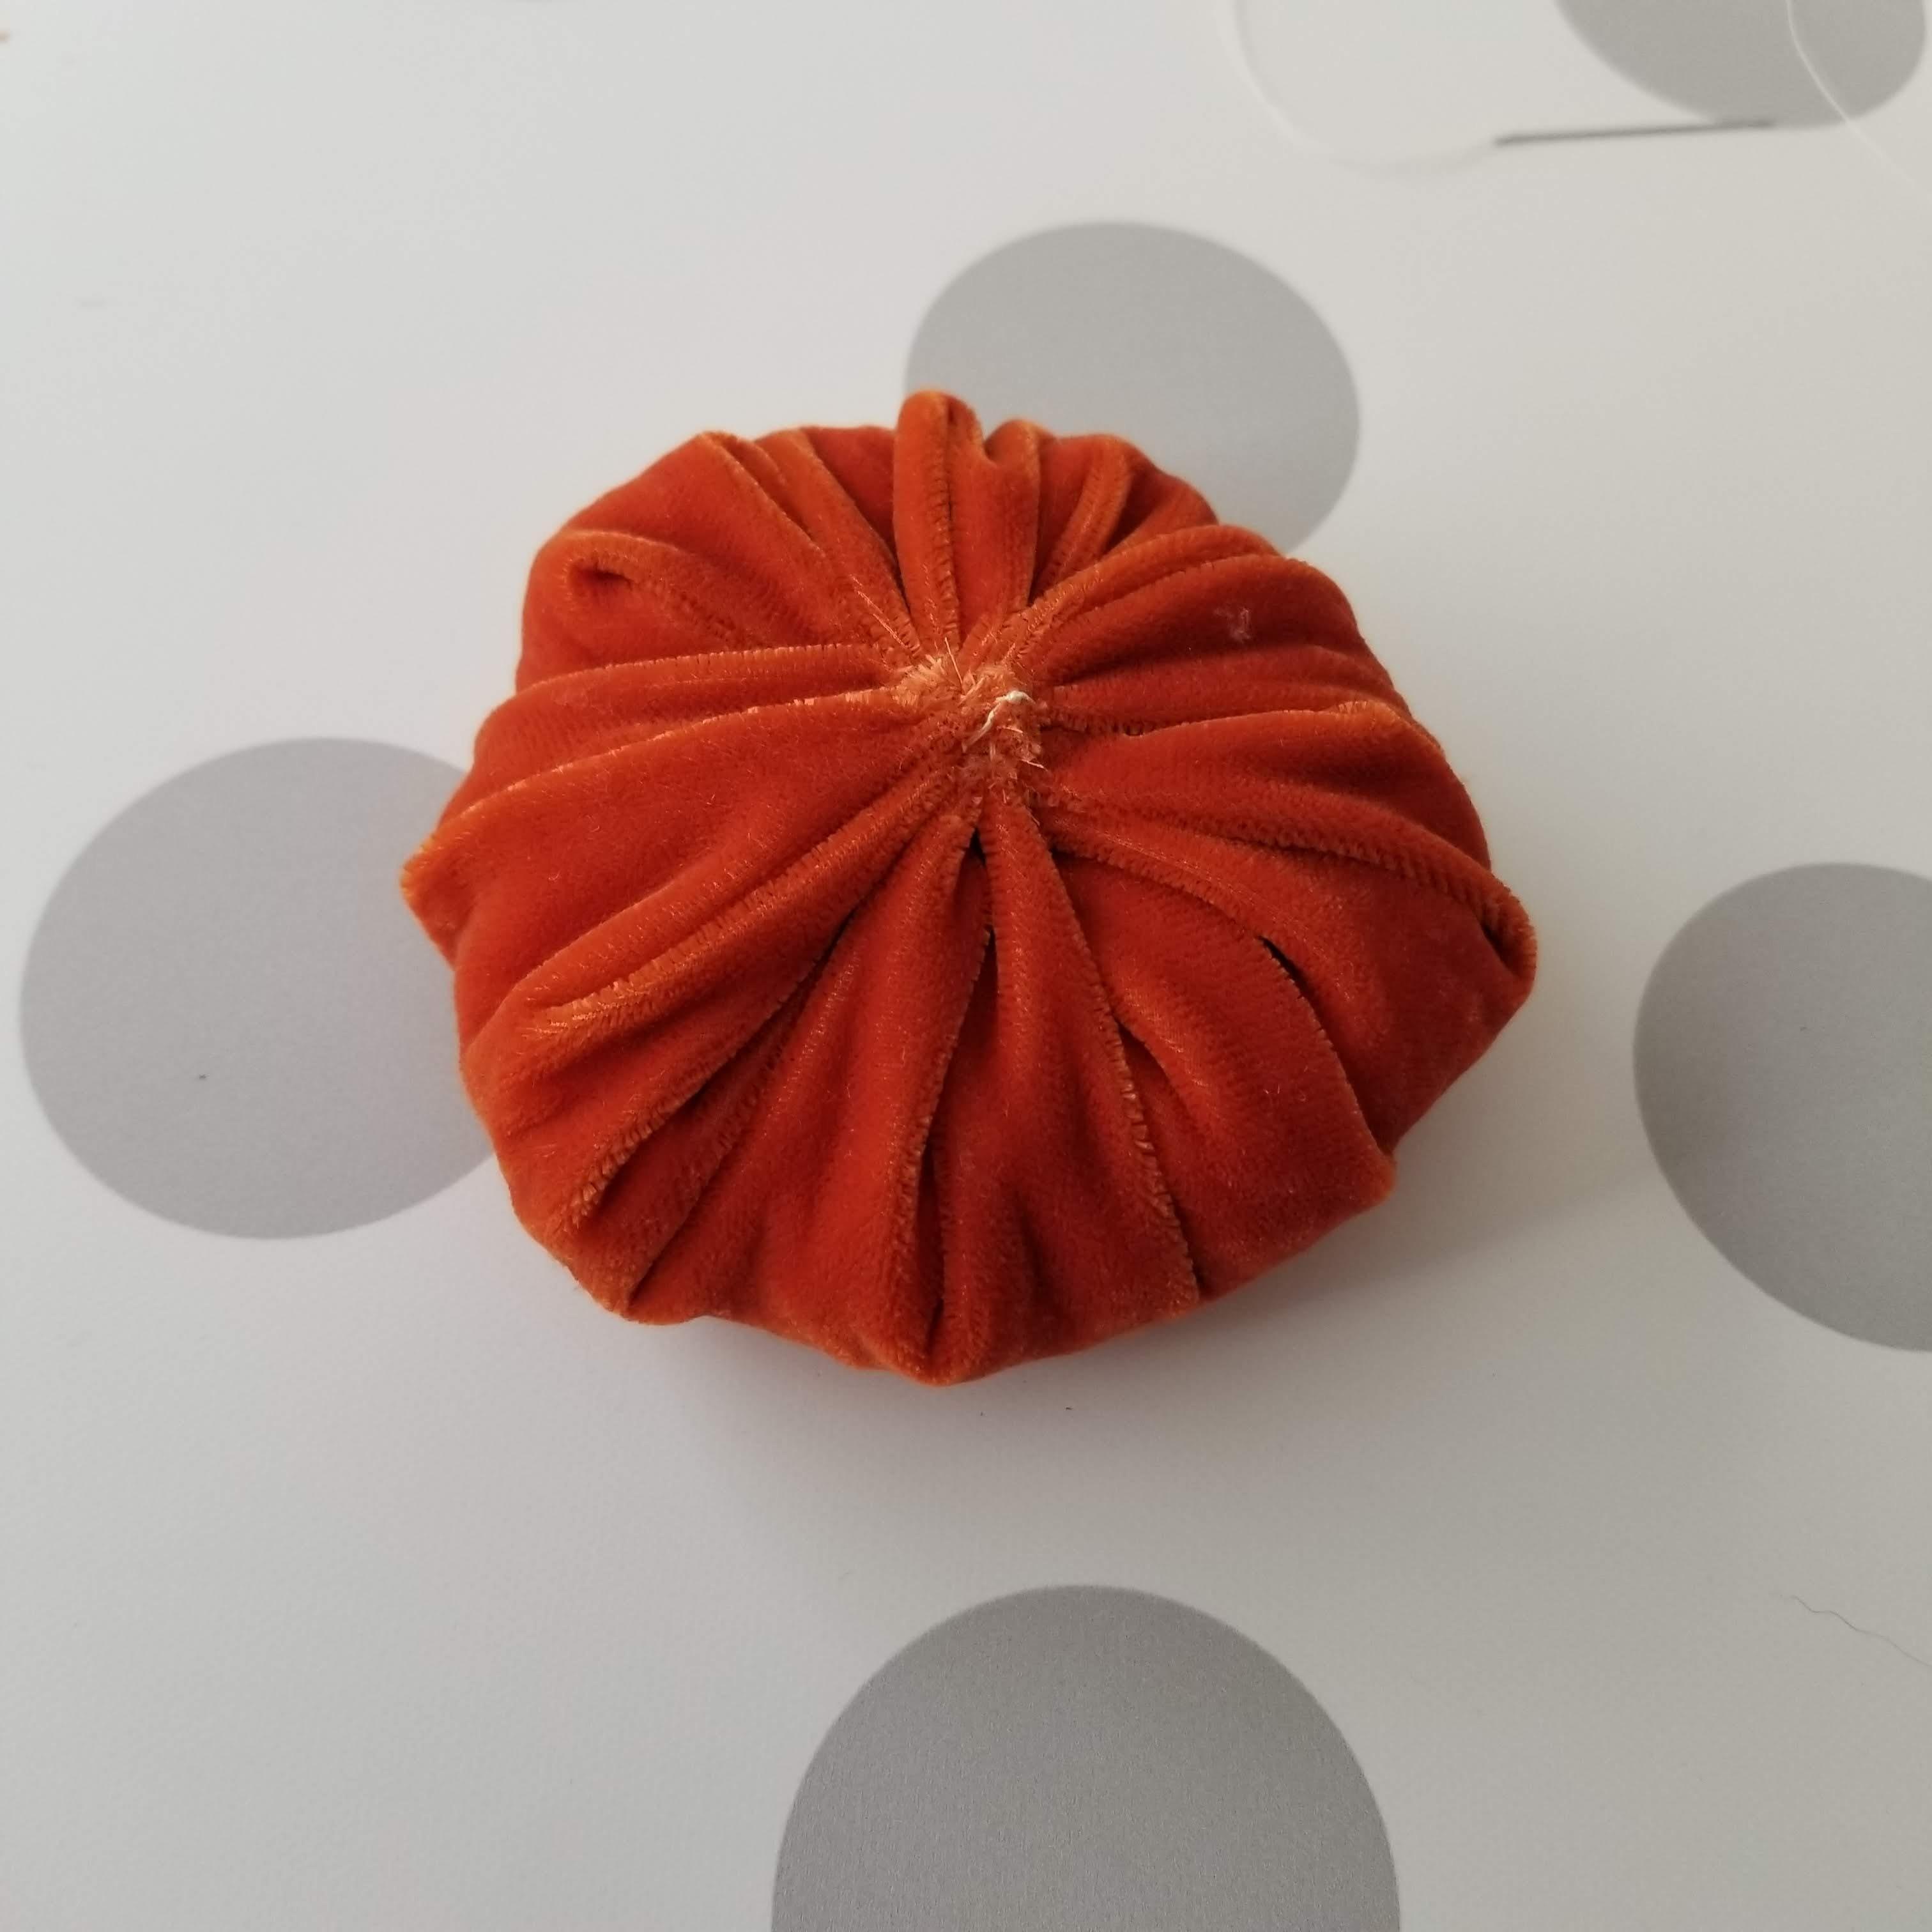 circle pumpkin handmade home accents